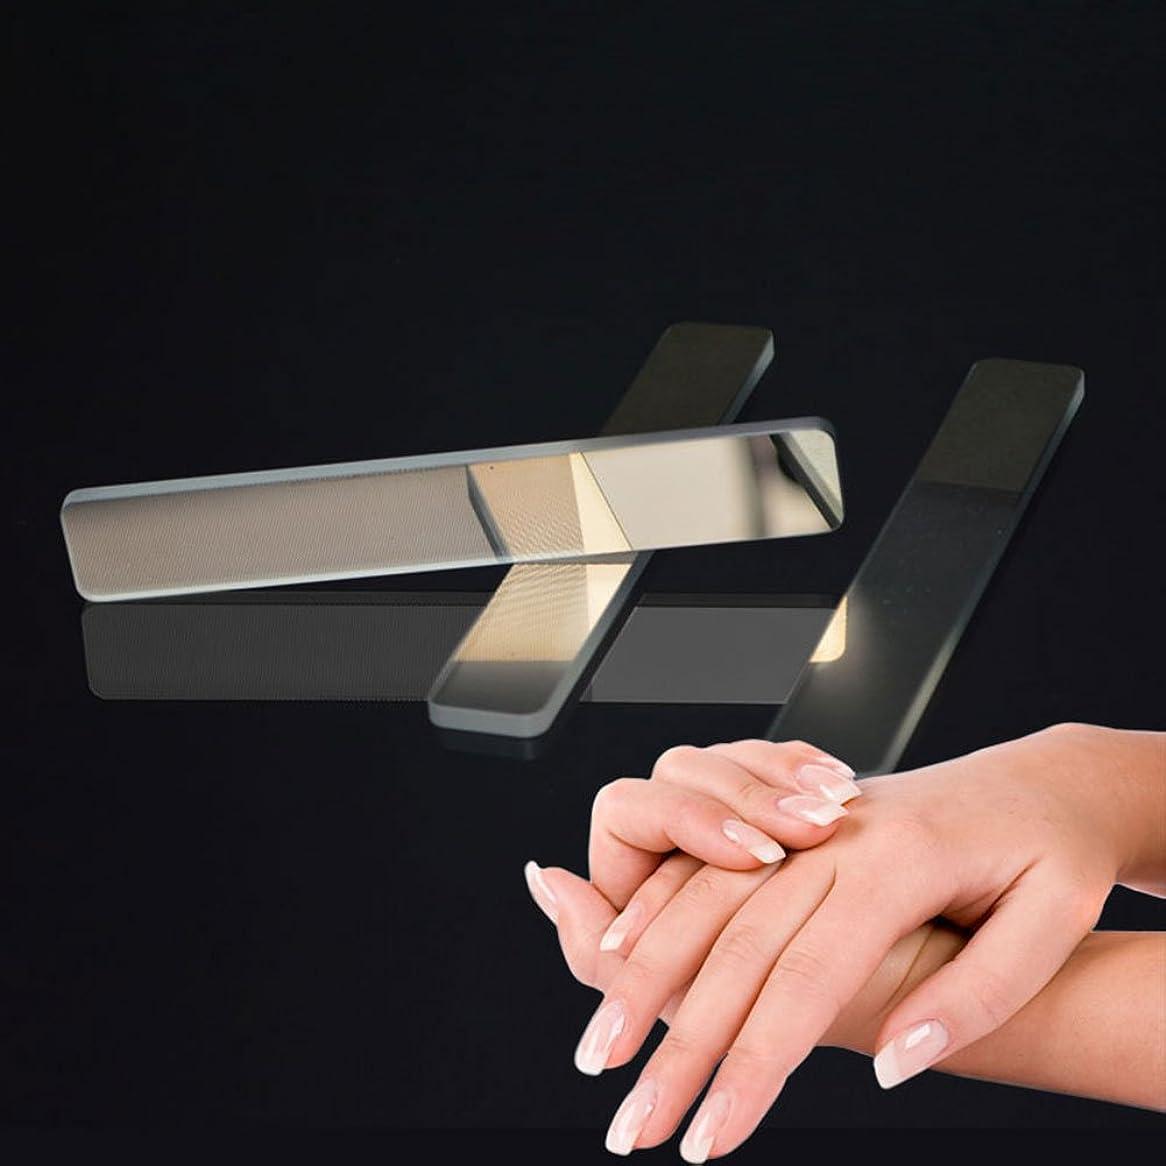 促進する無限大救援爪やすり WUUDI 爪磨き ガラス爪ヤスリ ネイルファイル ネイルシャイナー つめケア ガラス製 ネイルケア 甘皮処理 (白)